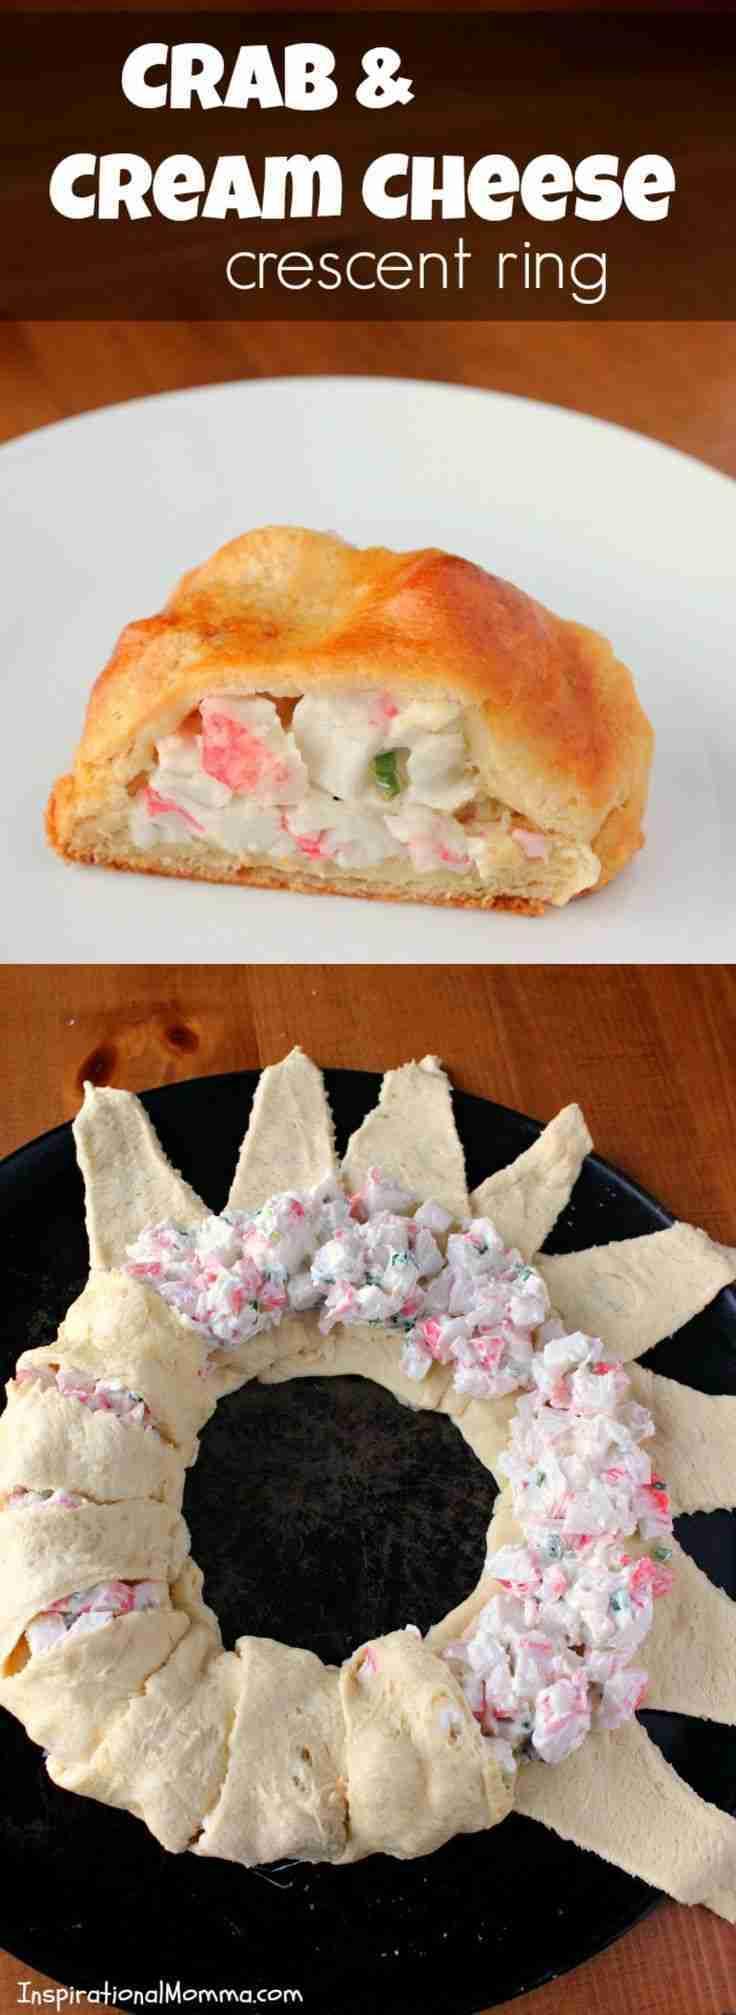 Crab & Cream Cheese Crescent Ring Recipe